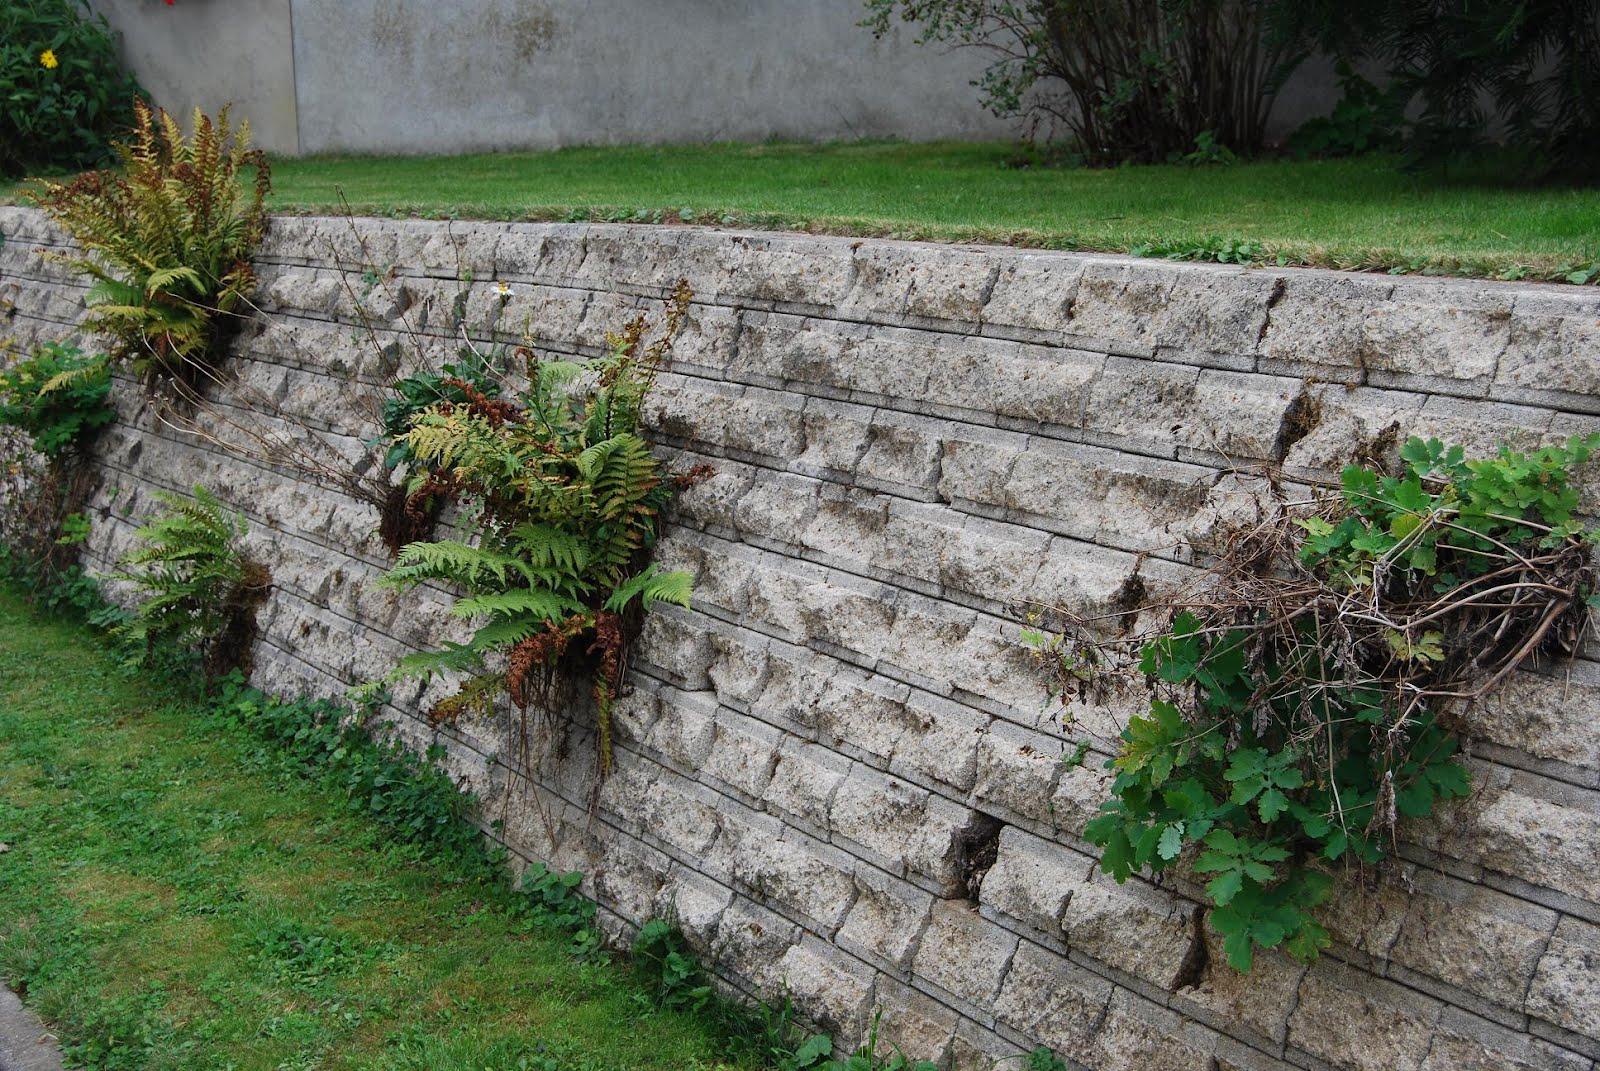 Le blog de parcs et jardins de l 39 oise le jardin de philippe et annie aubry appilly - Muret floral de soutenement ...